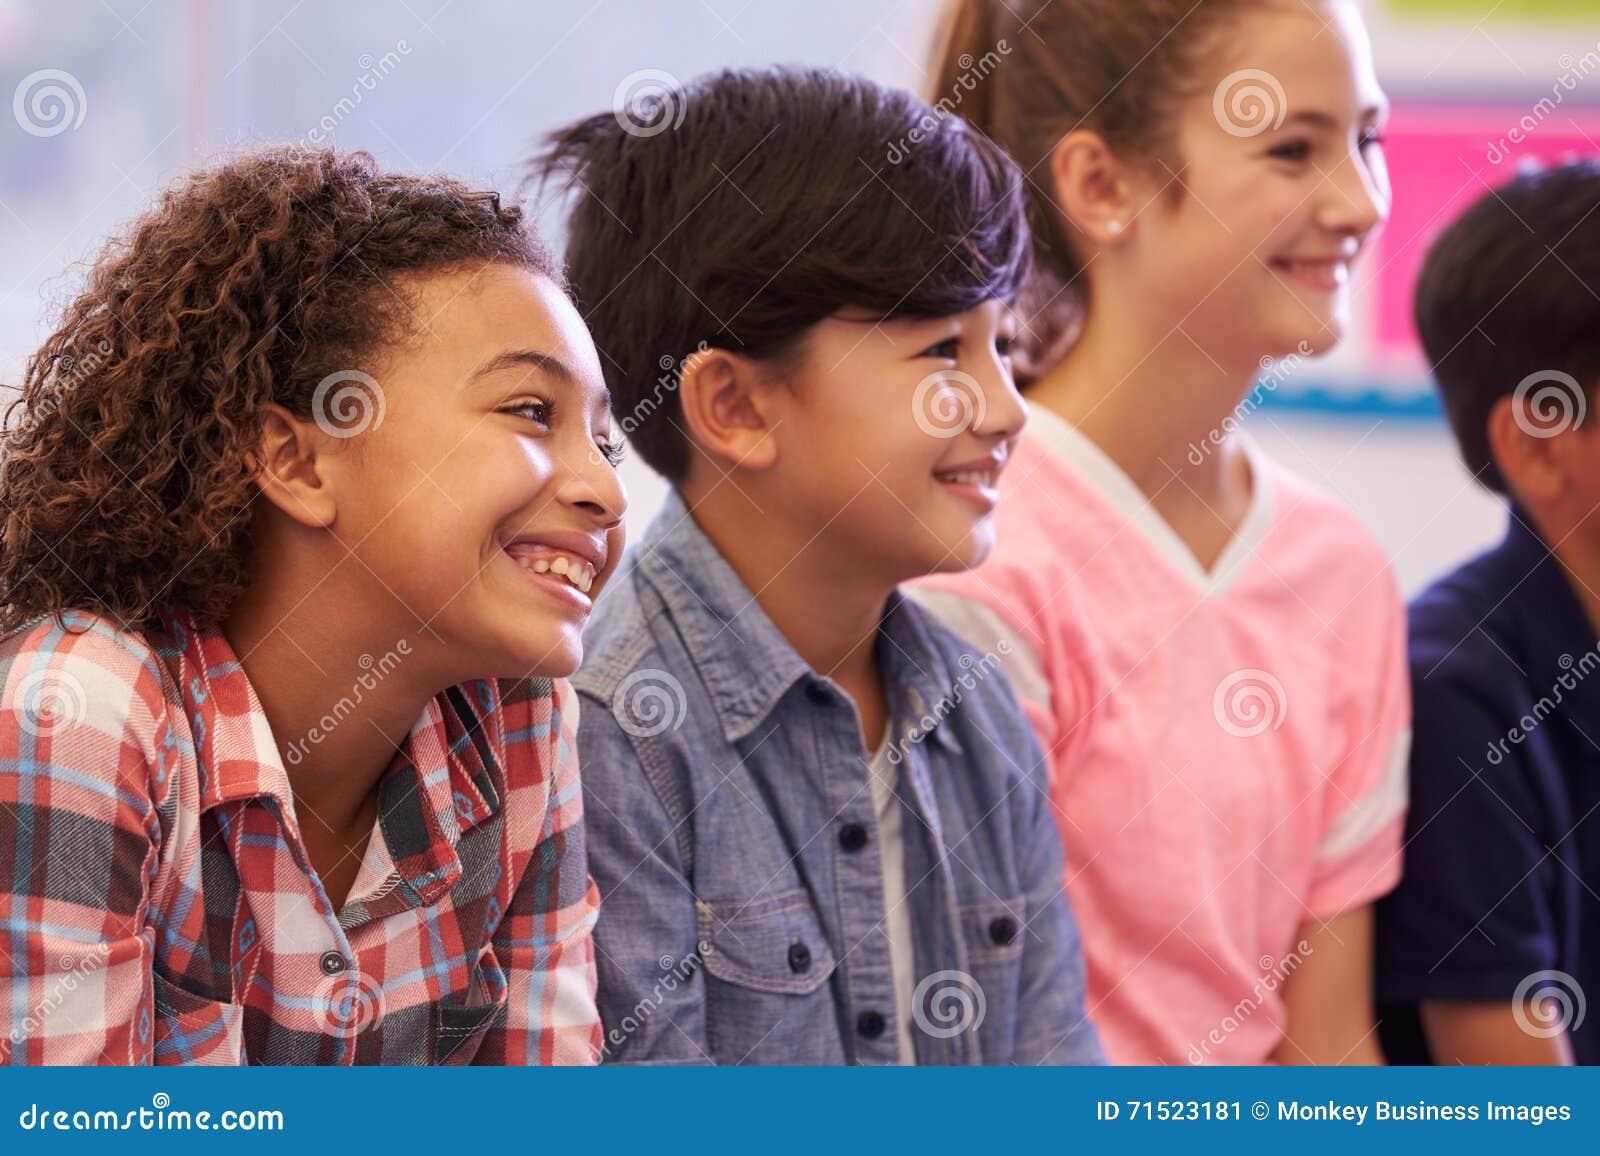 Crianças Pre-adolescentes da escola primária em uma lição